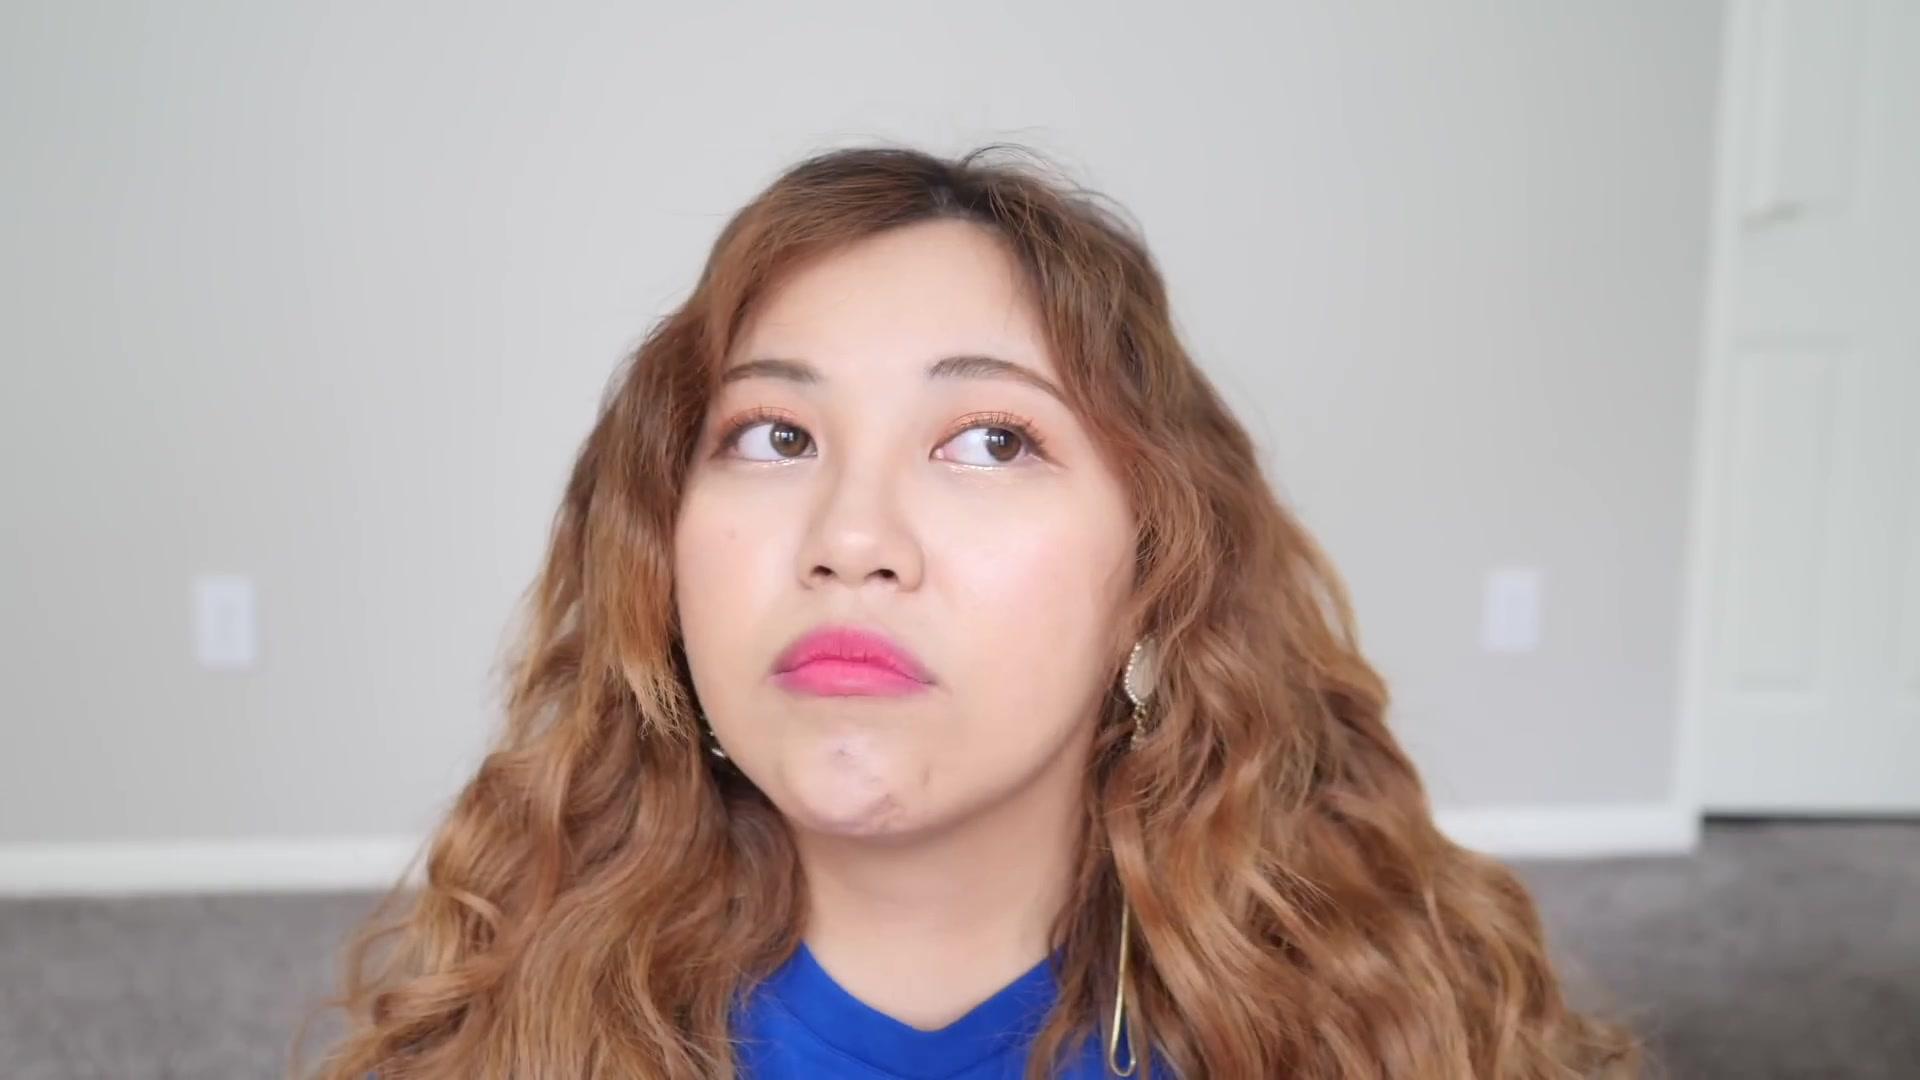 heyitsfeiii Episode 184: What People Misunderstand About Me [heyitsfeiii]